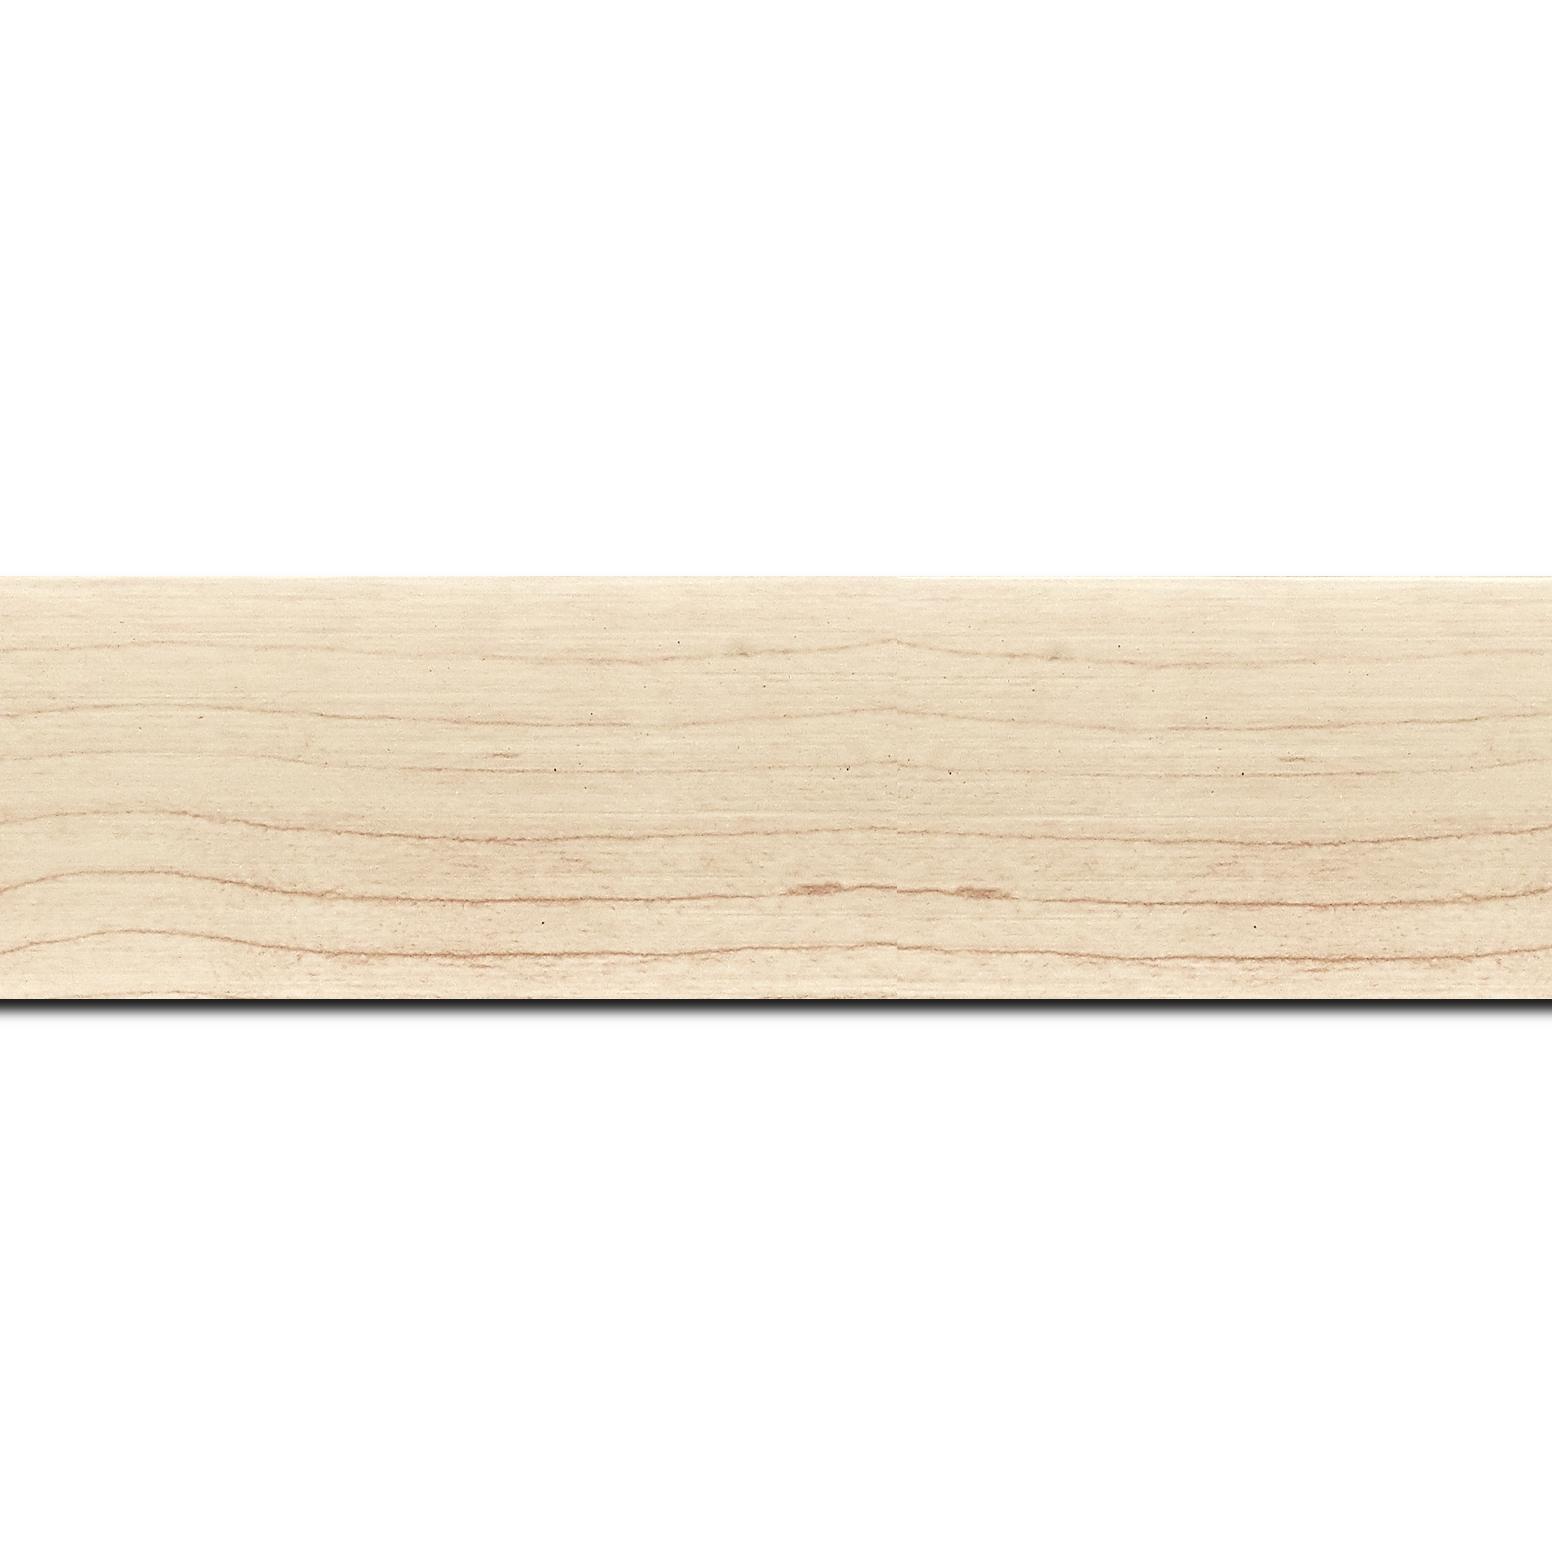 Pack par 12m, bois profil plat largeur 4.2cm décor bois blanc naturel(longueur baguette pouvant varier entre 2.40m et 3m selon arrivage des bois)